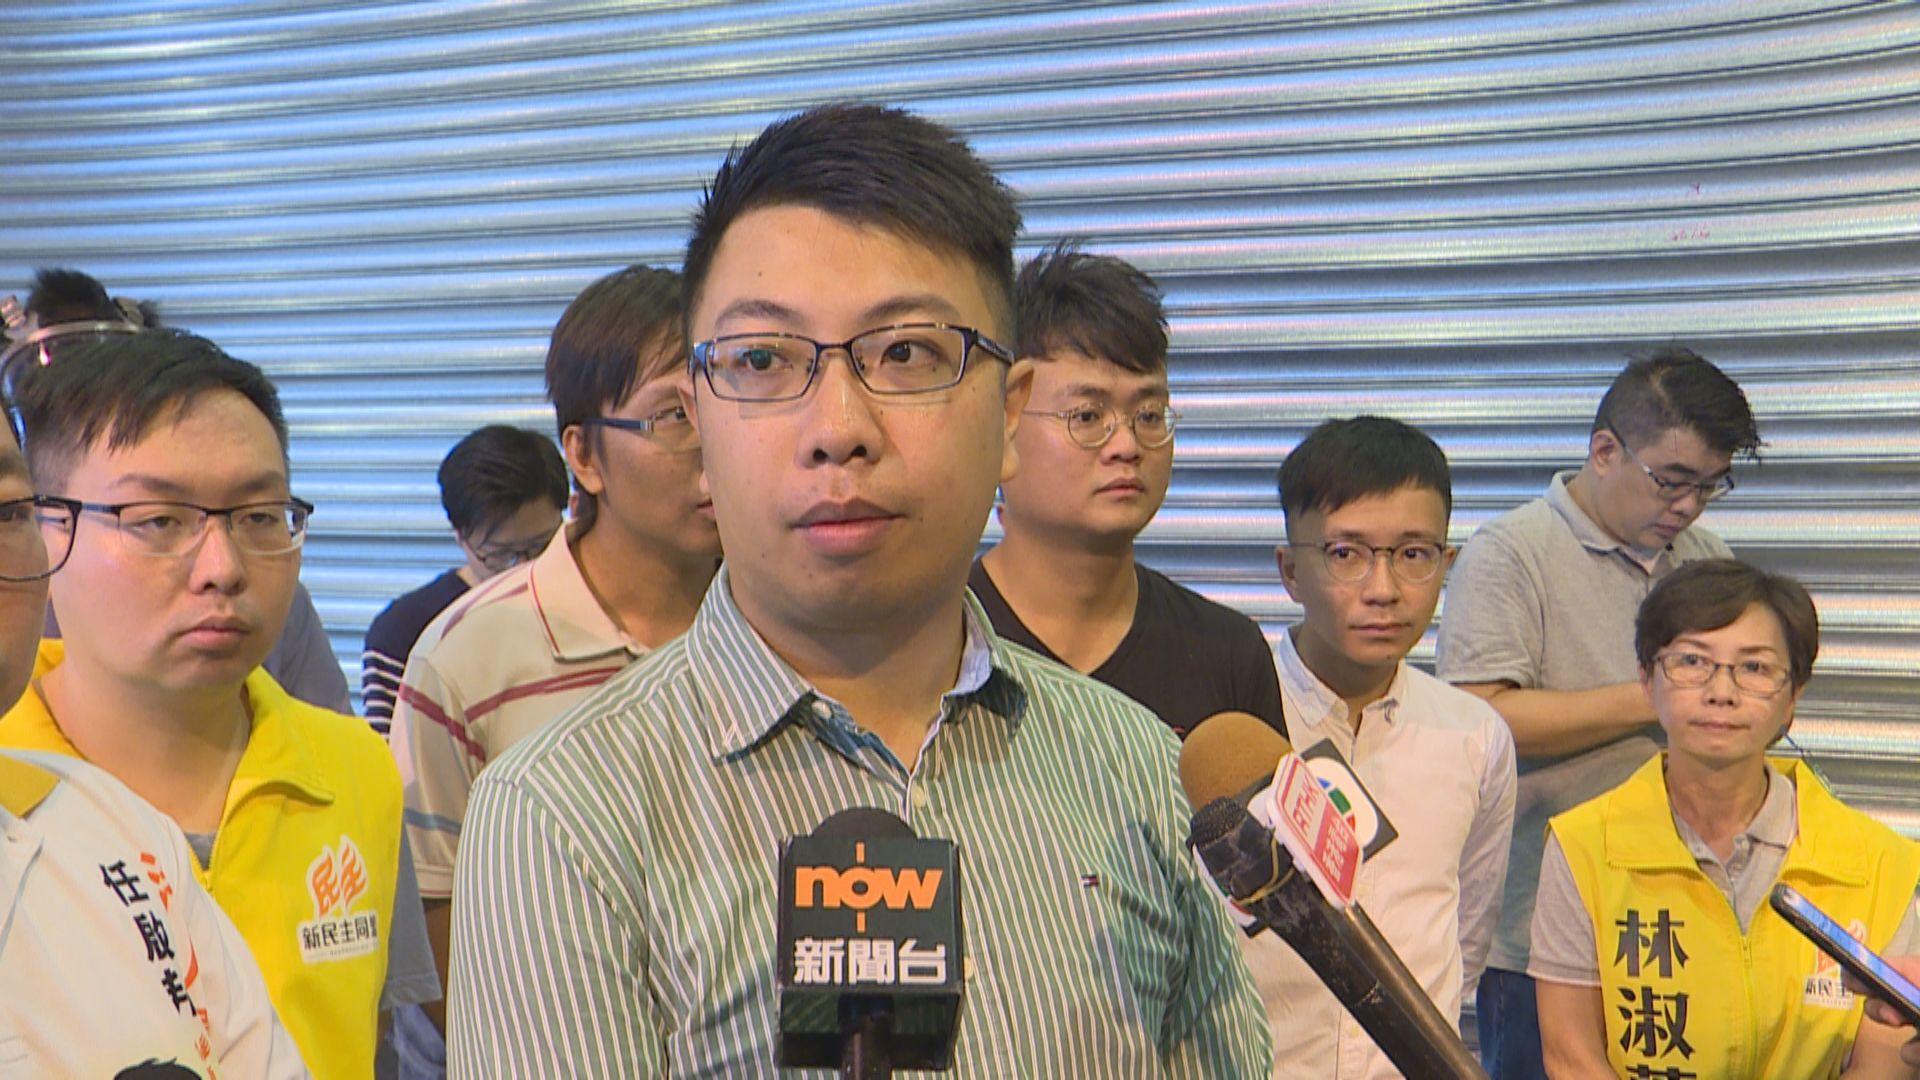 尹兆堅鍾錦麟徐子見辭任區議員 稱未能履行議員職務